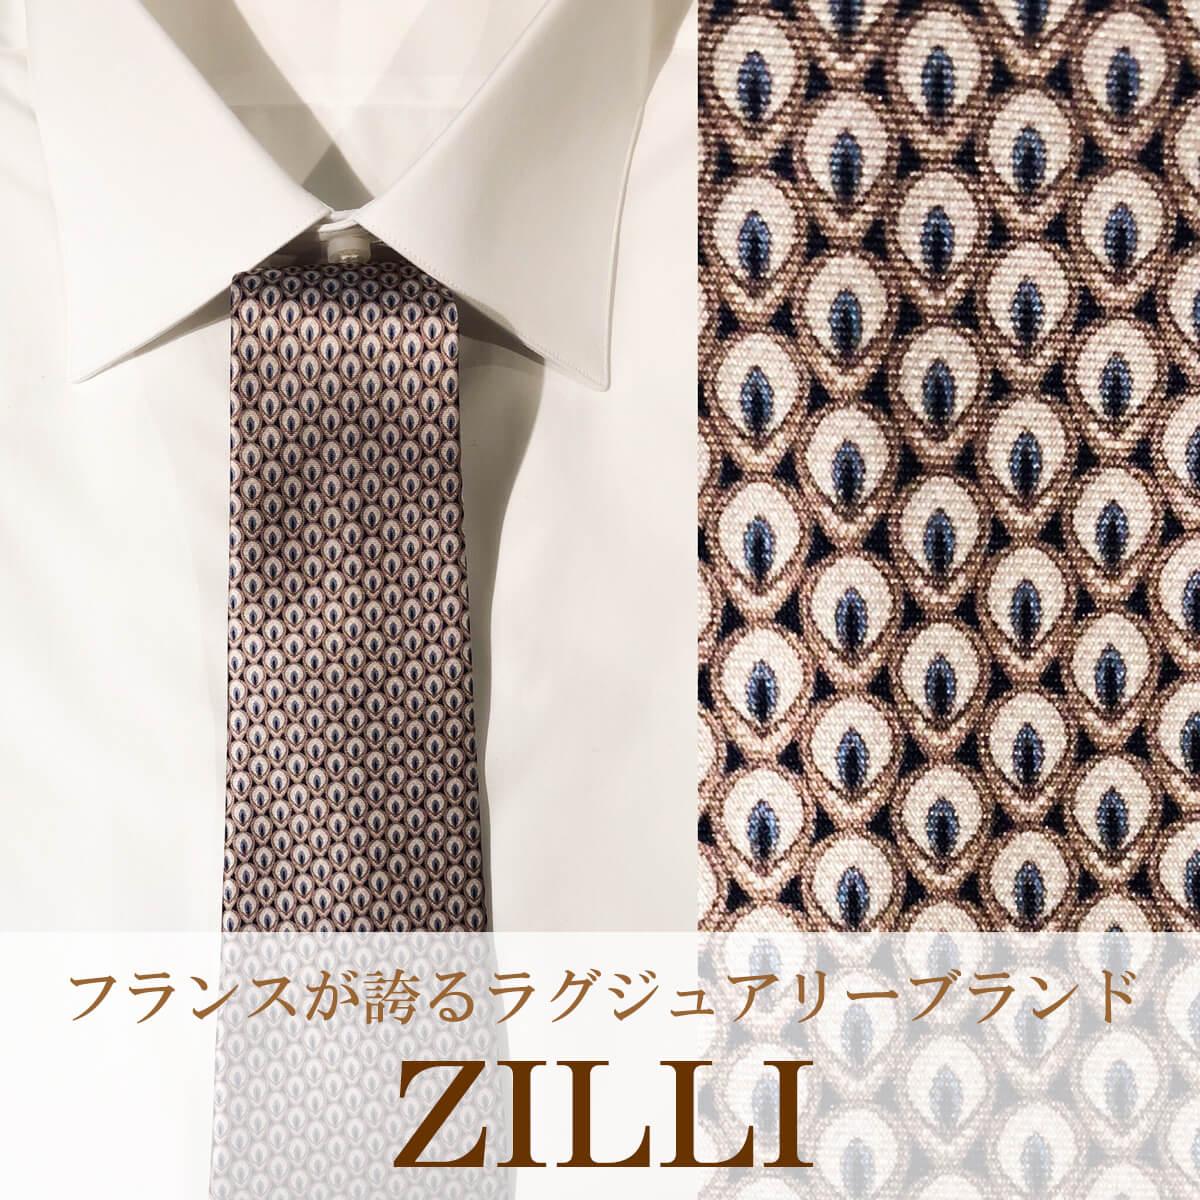 ZILLI (ジリー)ネクタイ ブランド 高級 ジリー ZILLI シルク プリント 結婚式 パーティー おしゃれ